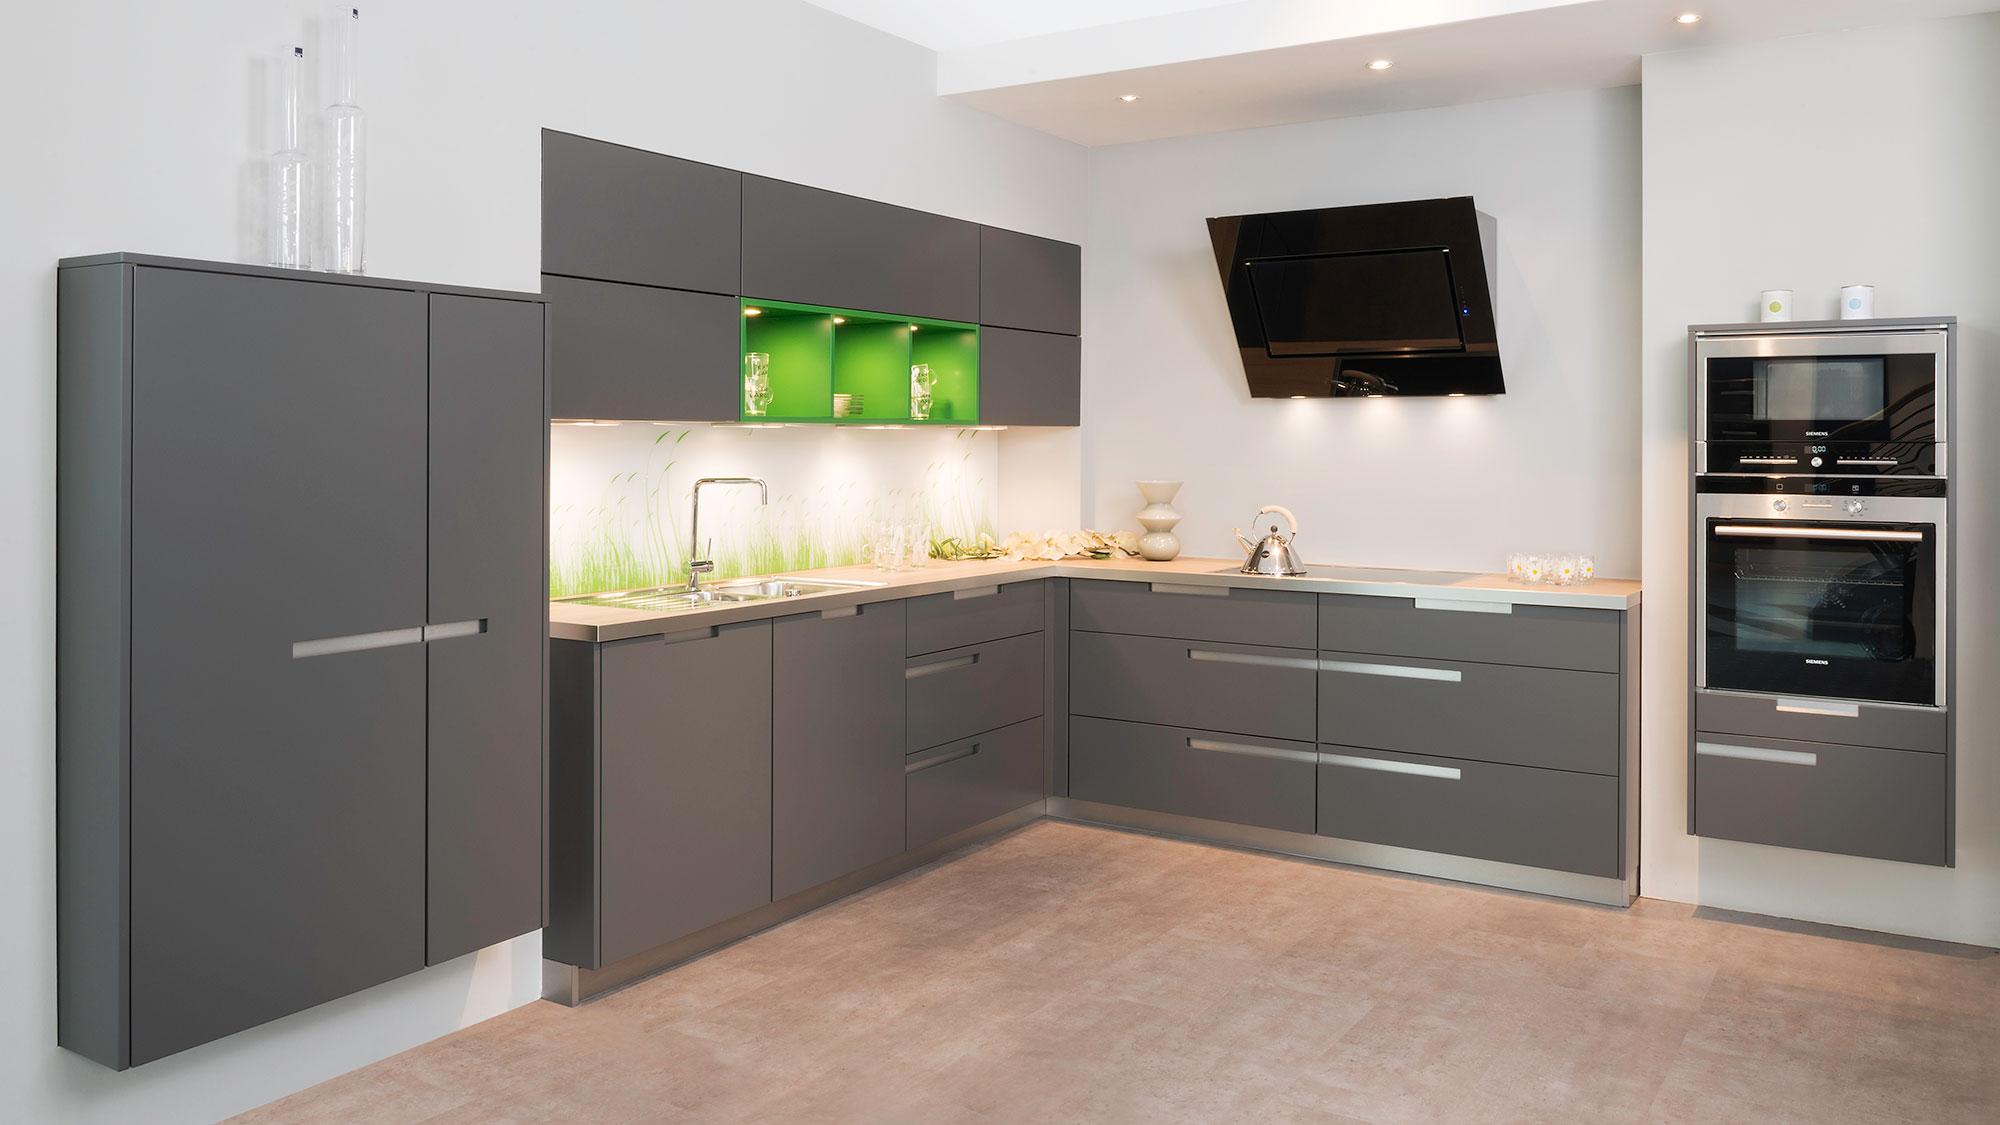 Design Küchen Kleine Räume | Offene Küchen Ideen Bilder